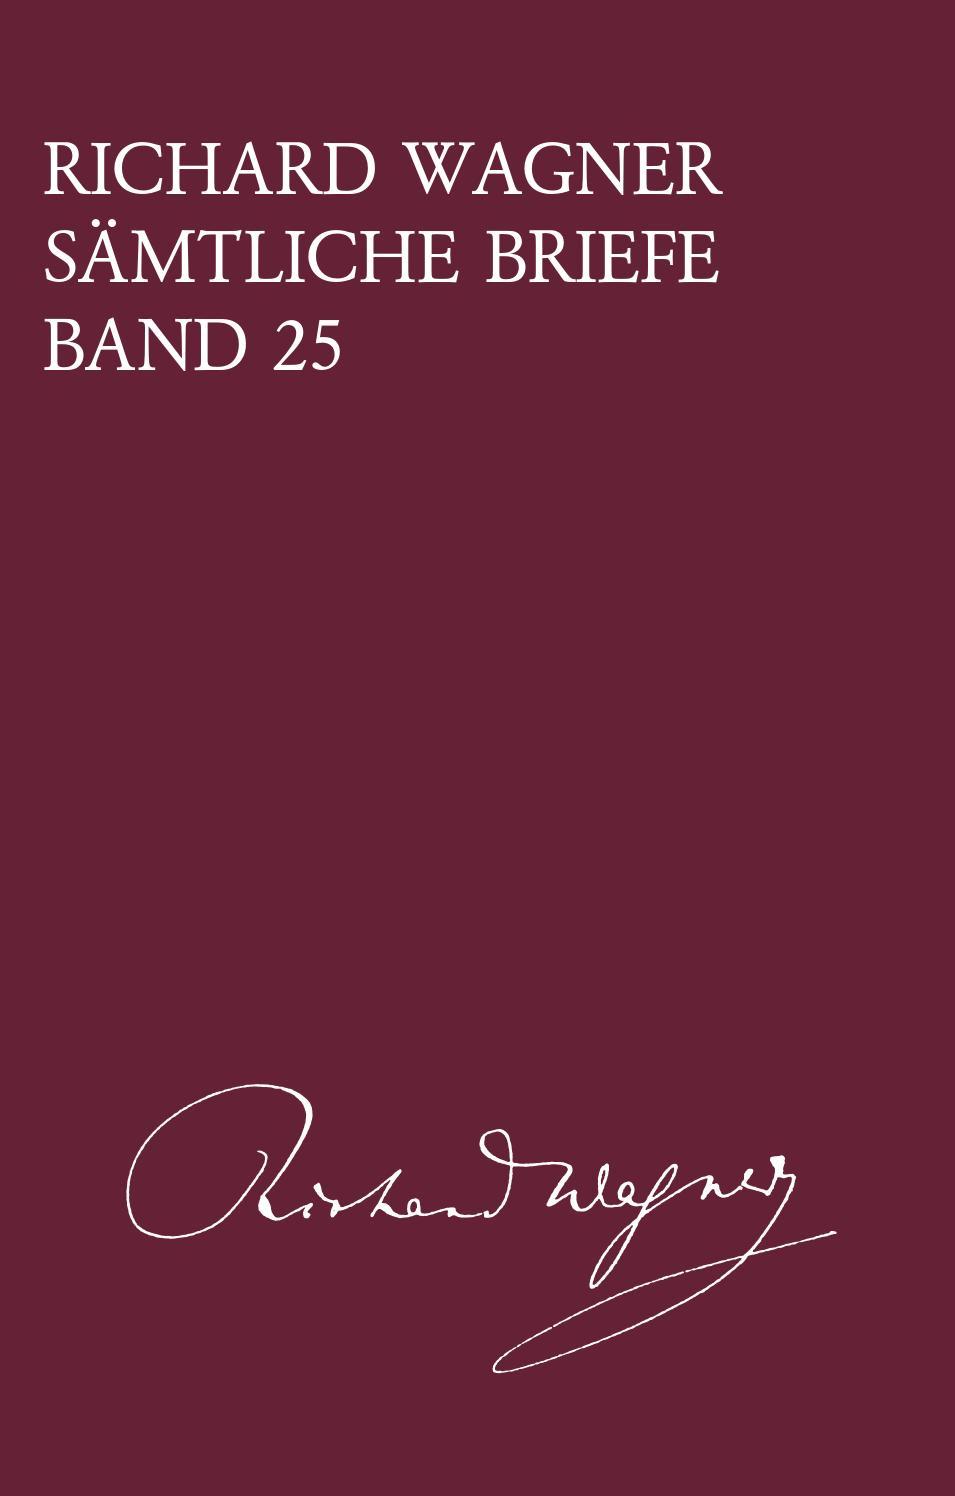 R303244der Weihnachten.Bv 425 Wagner Samtliche Briefe Band 25 By Breitkopf